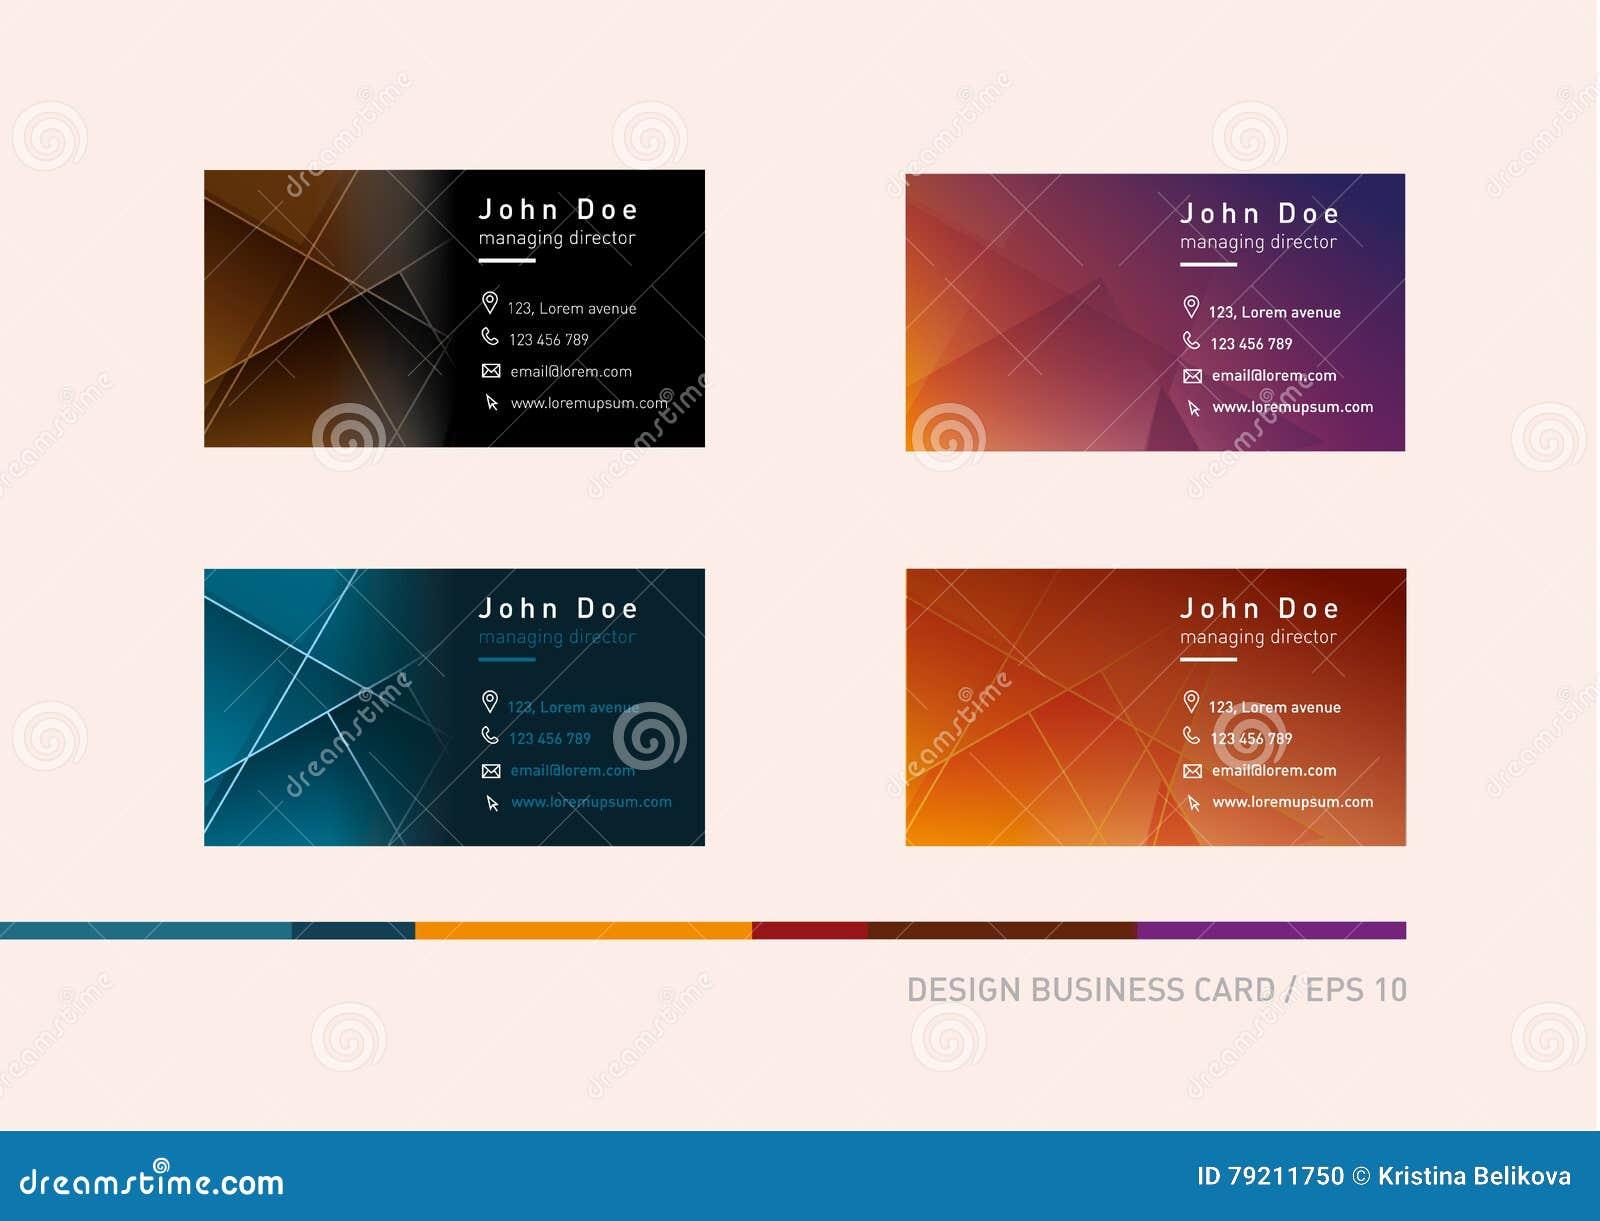 Kreative Entwicklung Von Visitenkarten In Einer Anderen